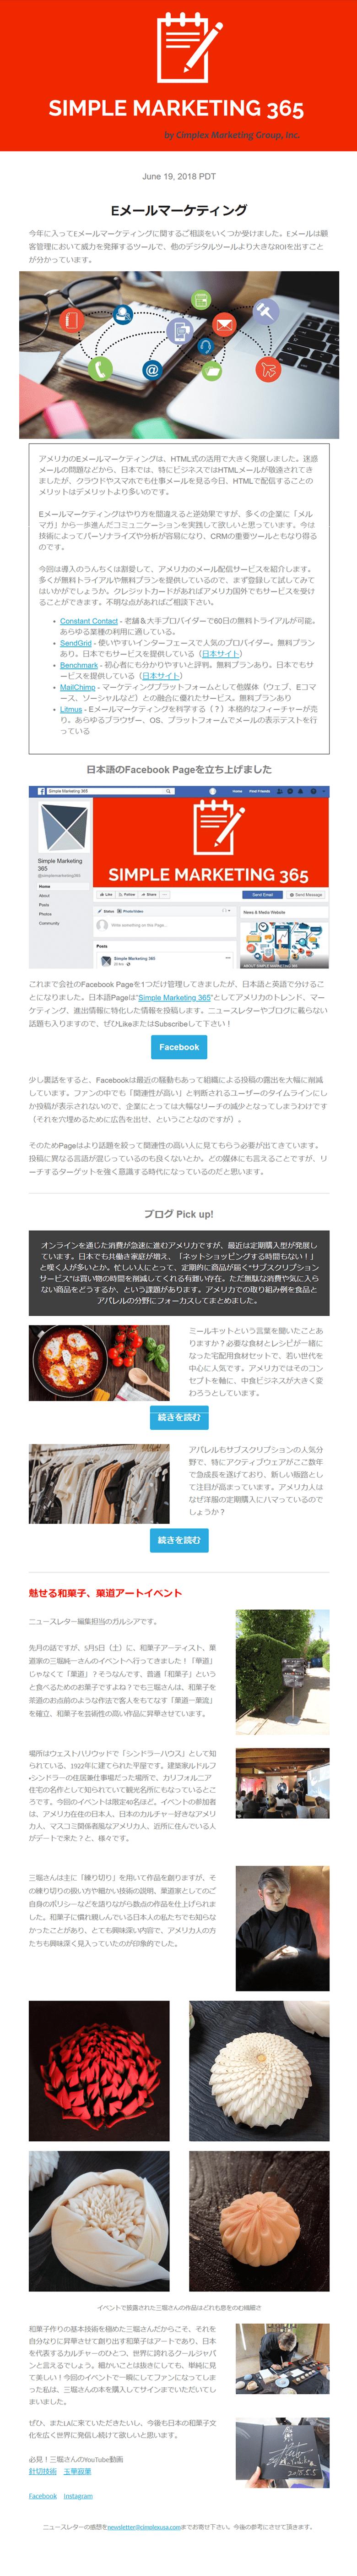 アメリカ 中食ビジネス